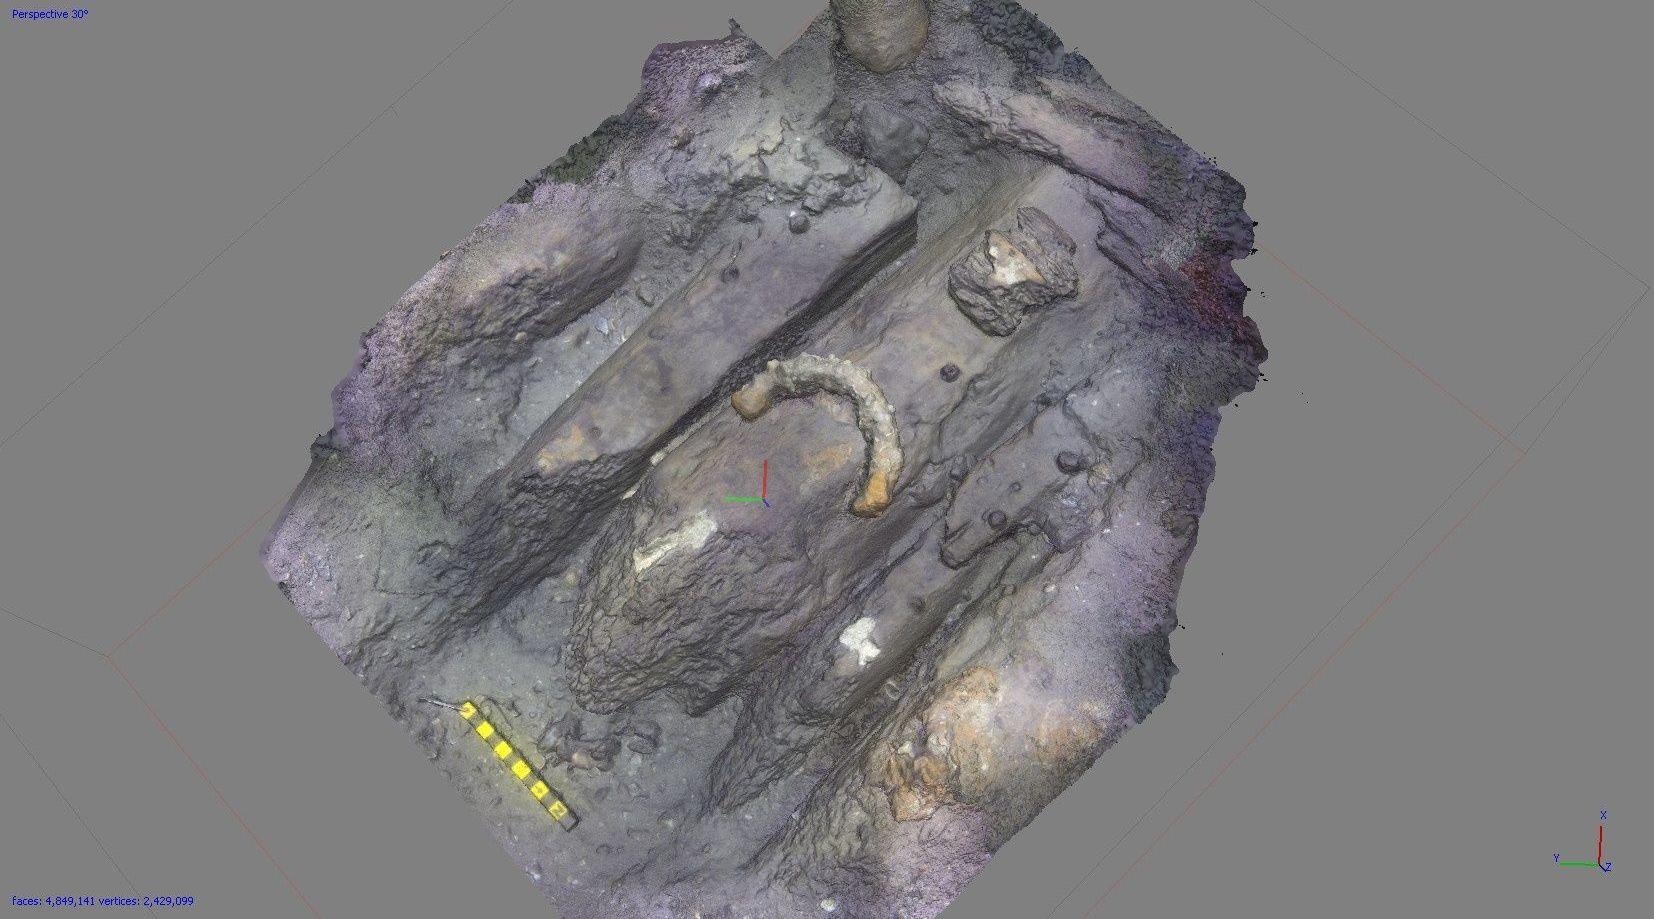 Mapeamento tridimensional do possível navio HMS Endeavour do capitão James Cook